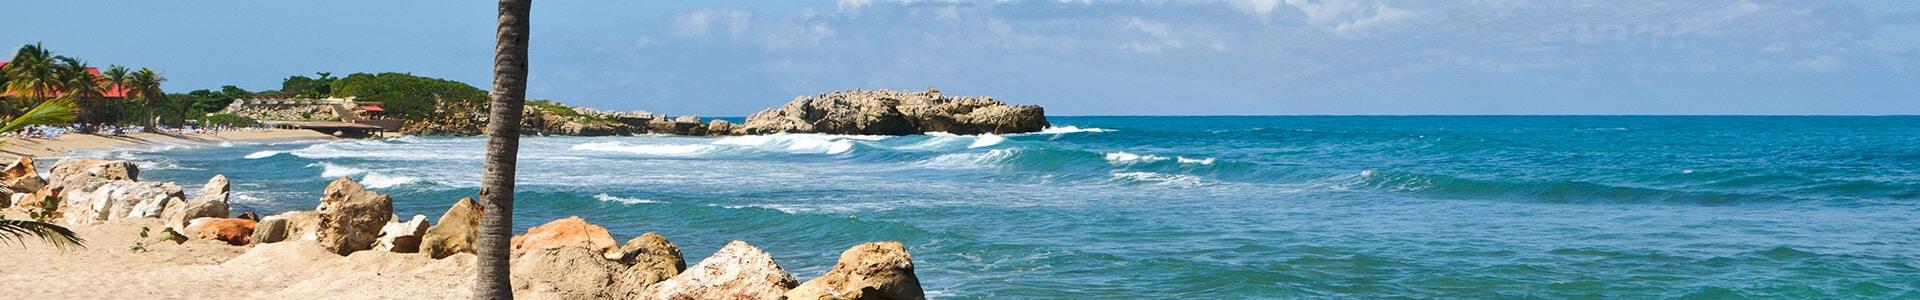 Voyage en Haïti - TUI